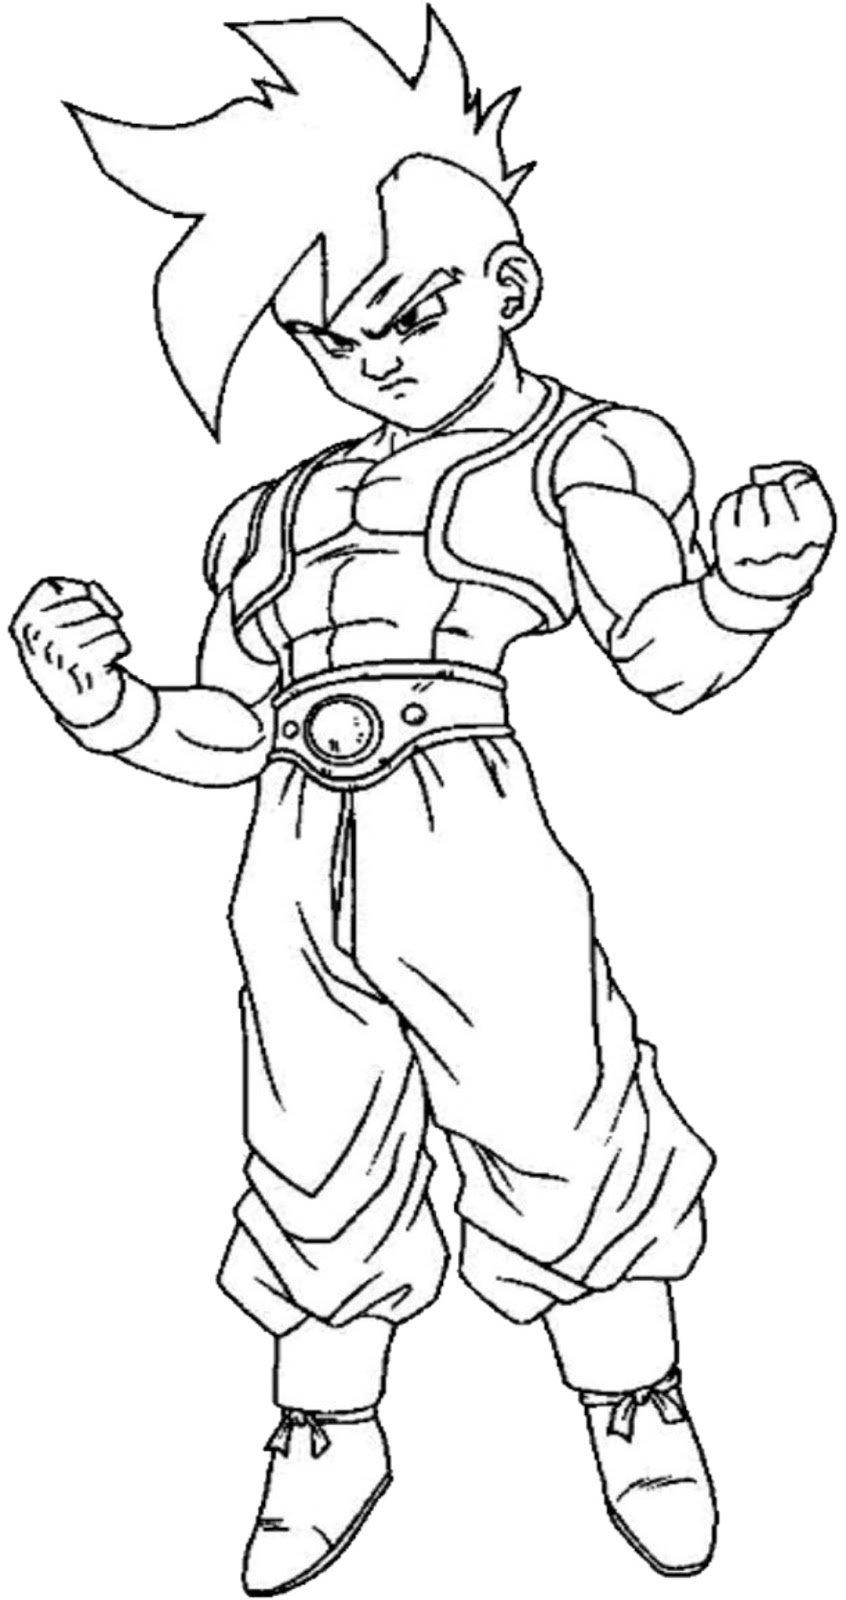 Desenhos Para Colorir Dragon Ball Z Sketch Coloring Page Free